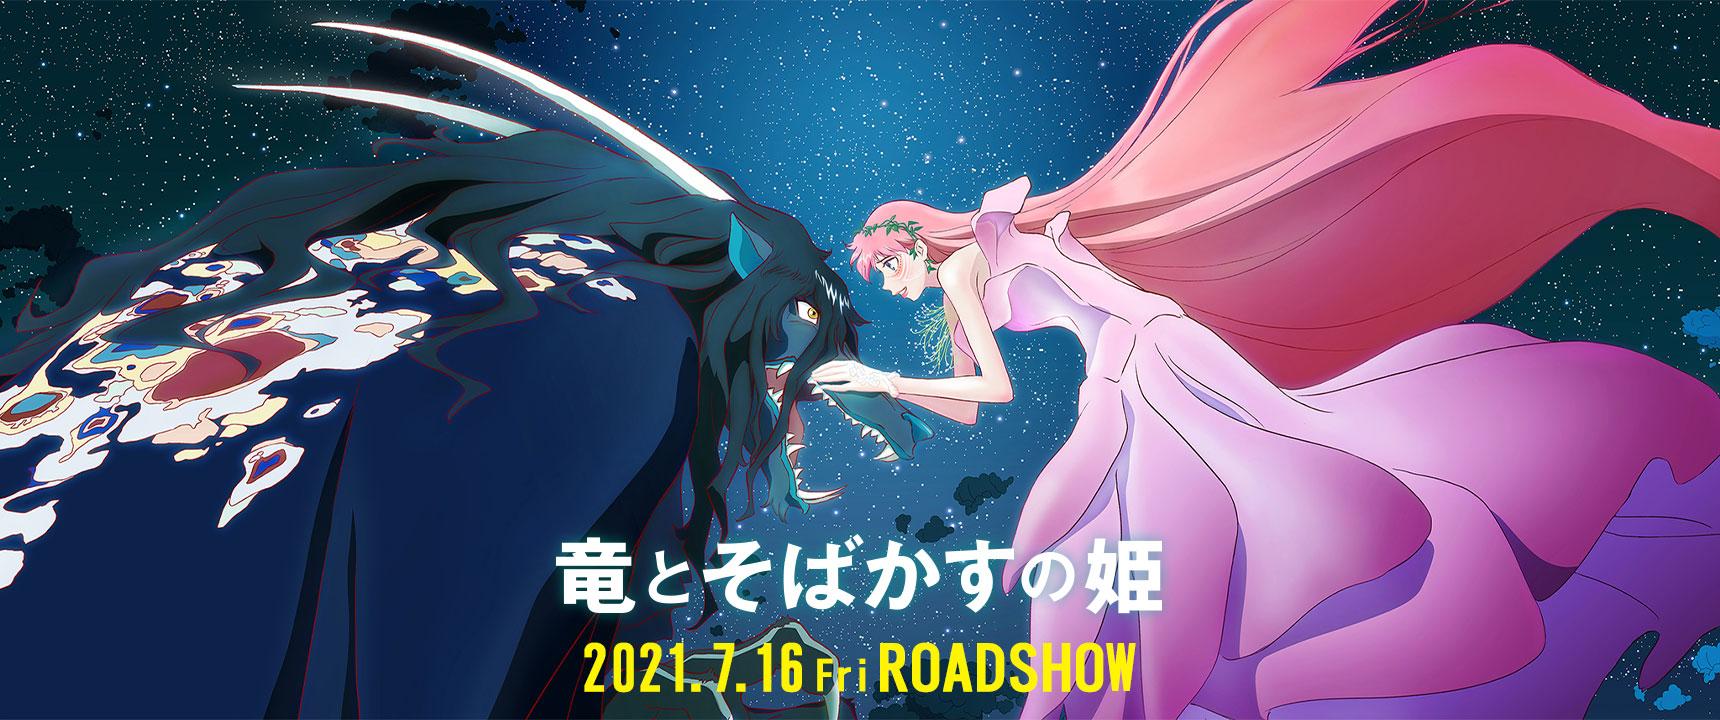 竜とそばかすの姫 2021.7.16 Fri ROADSHOW